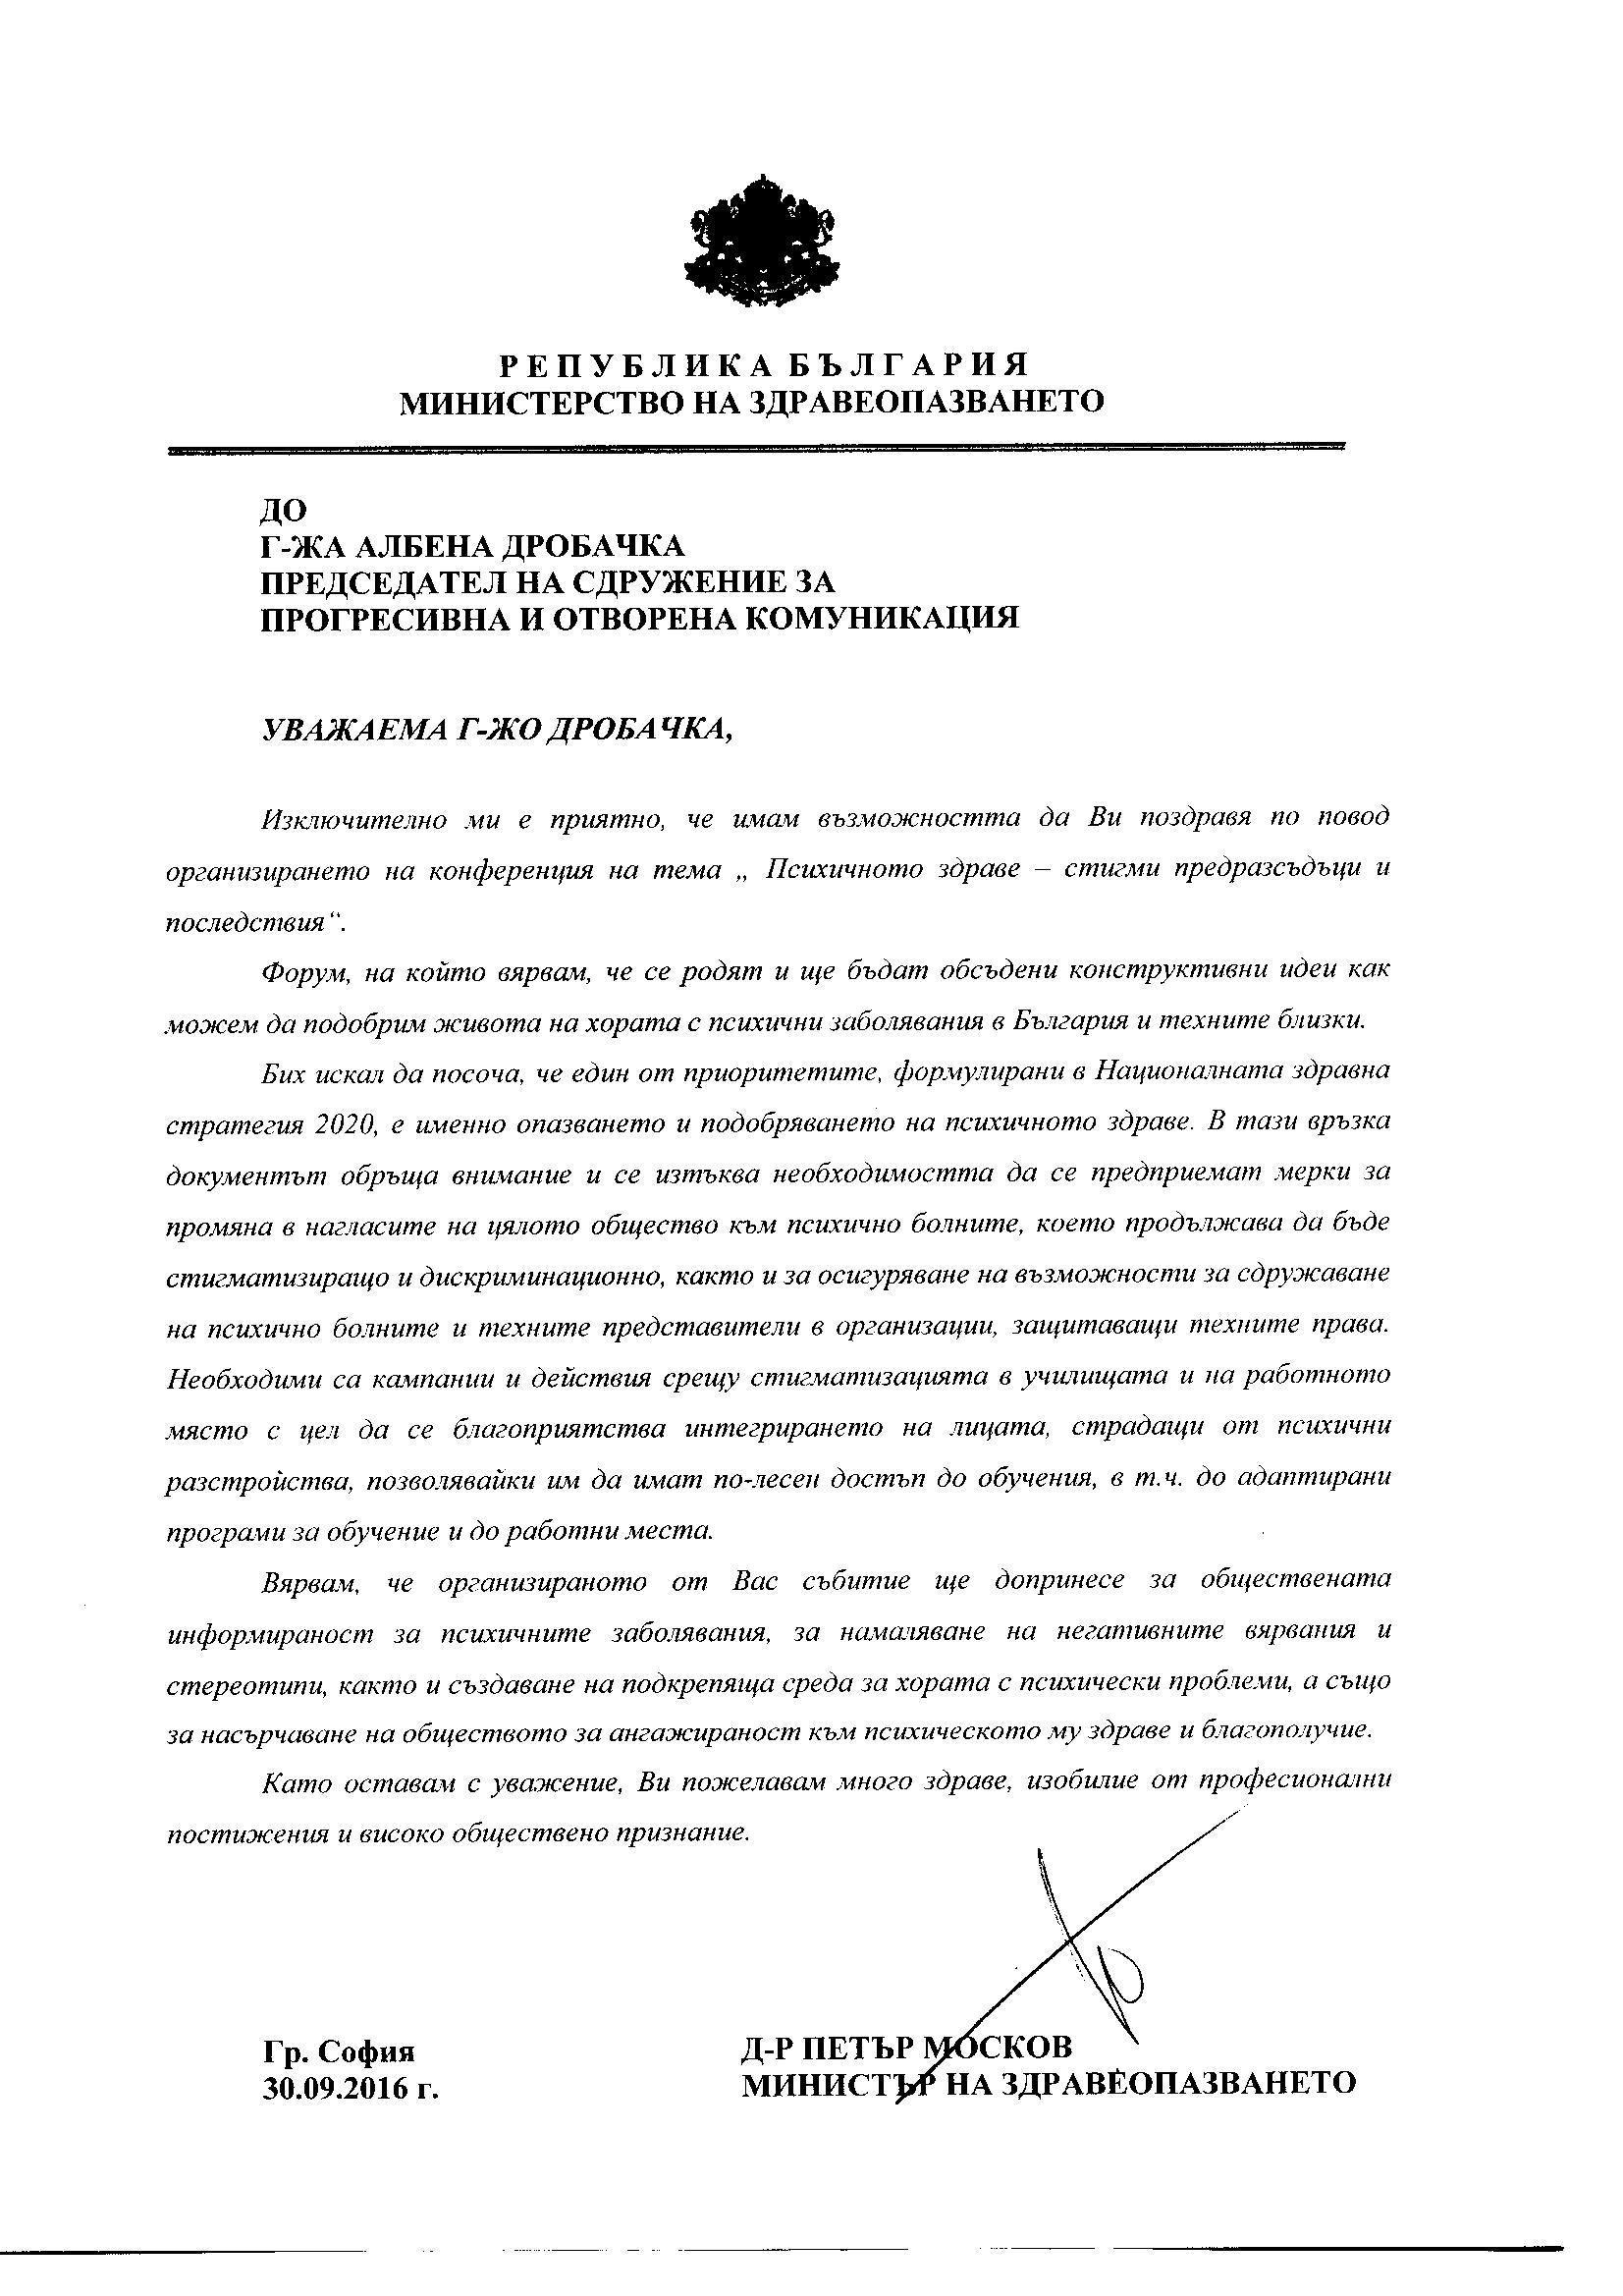 pozdravitelen-adres-petar-moskov